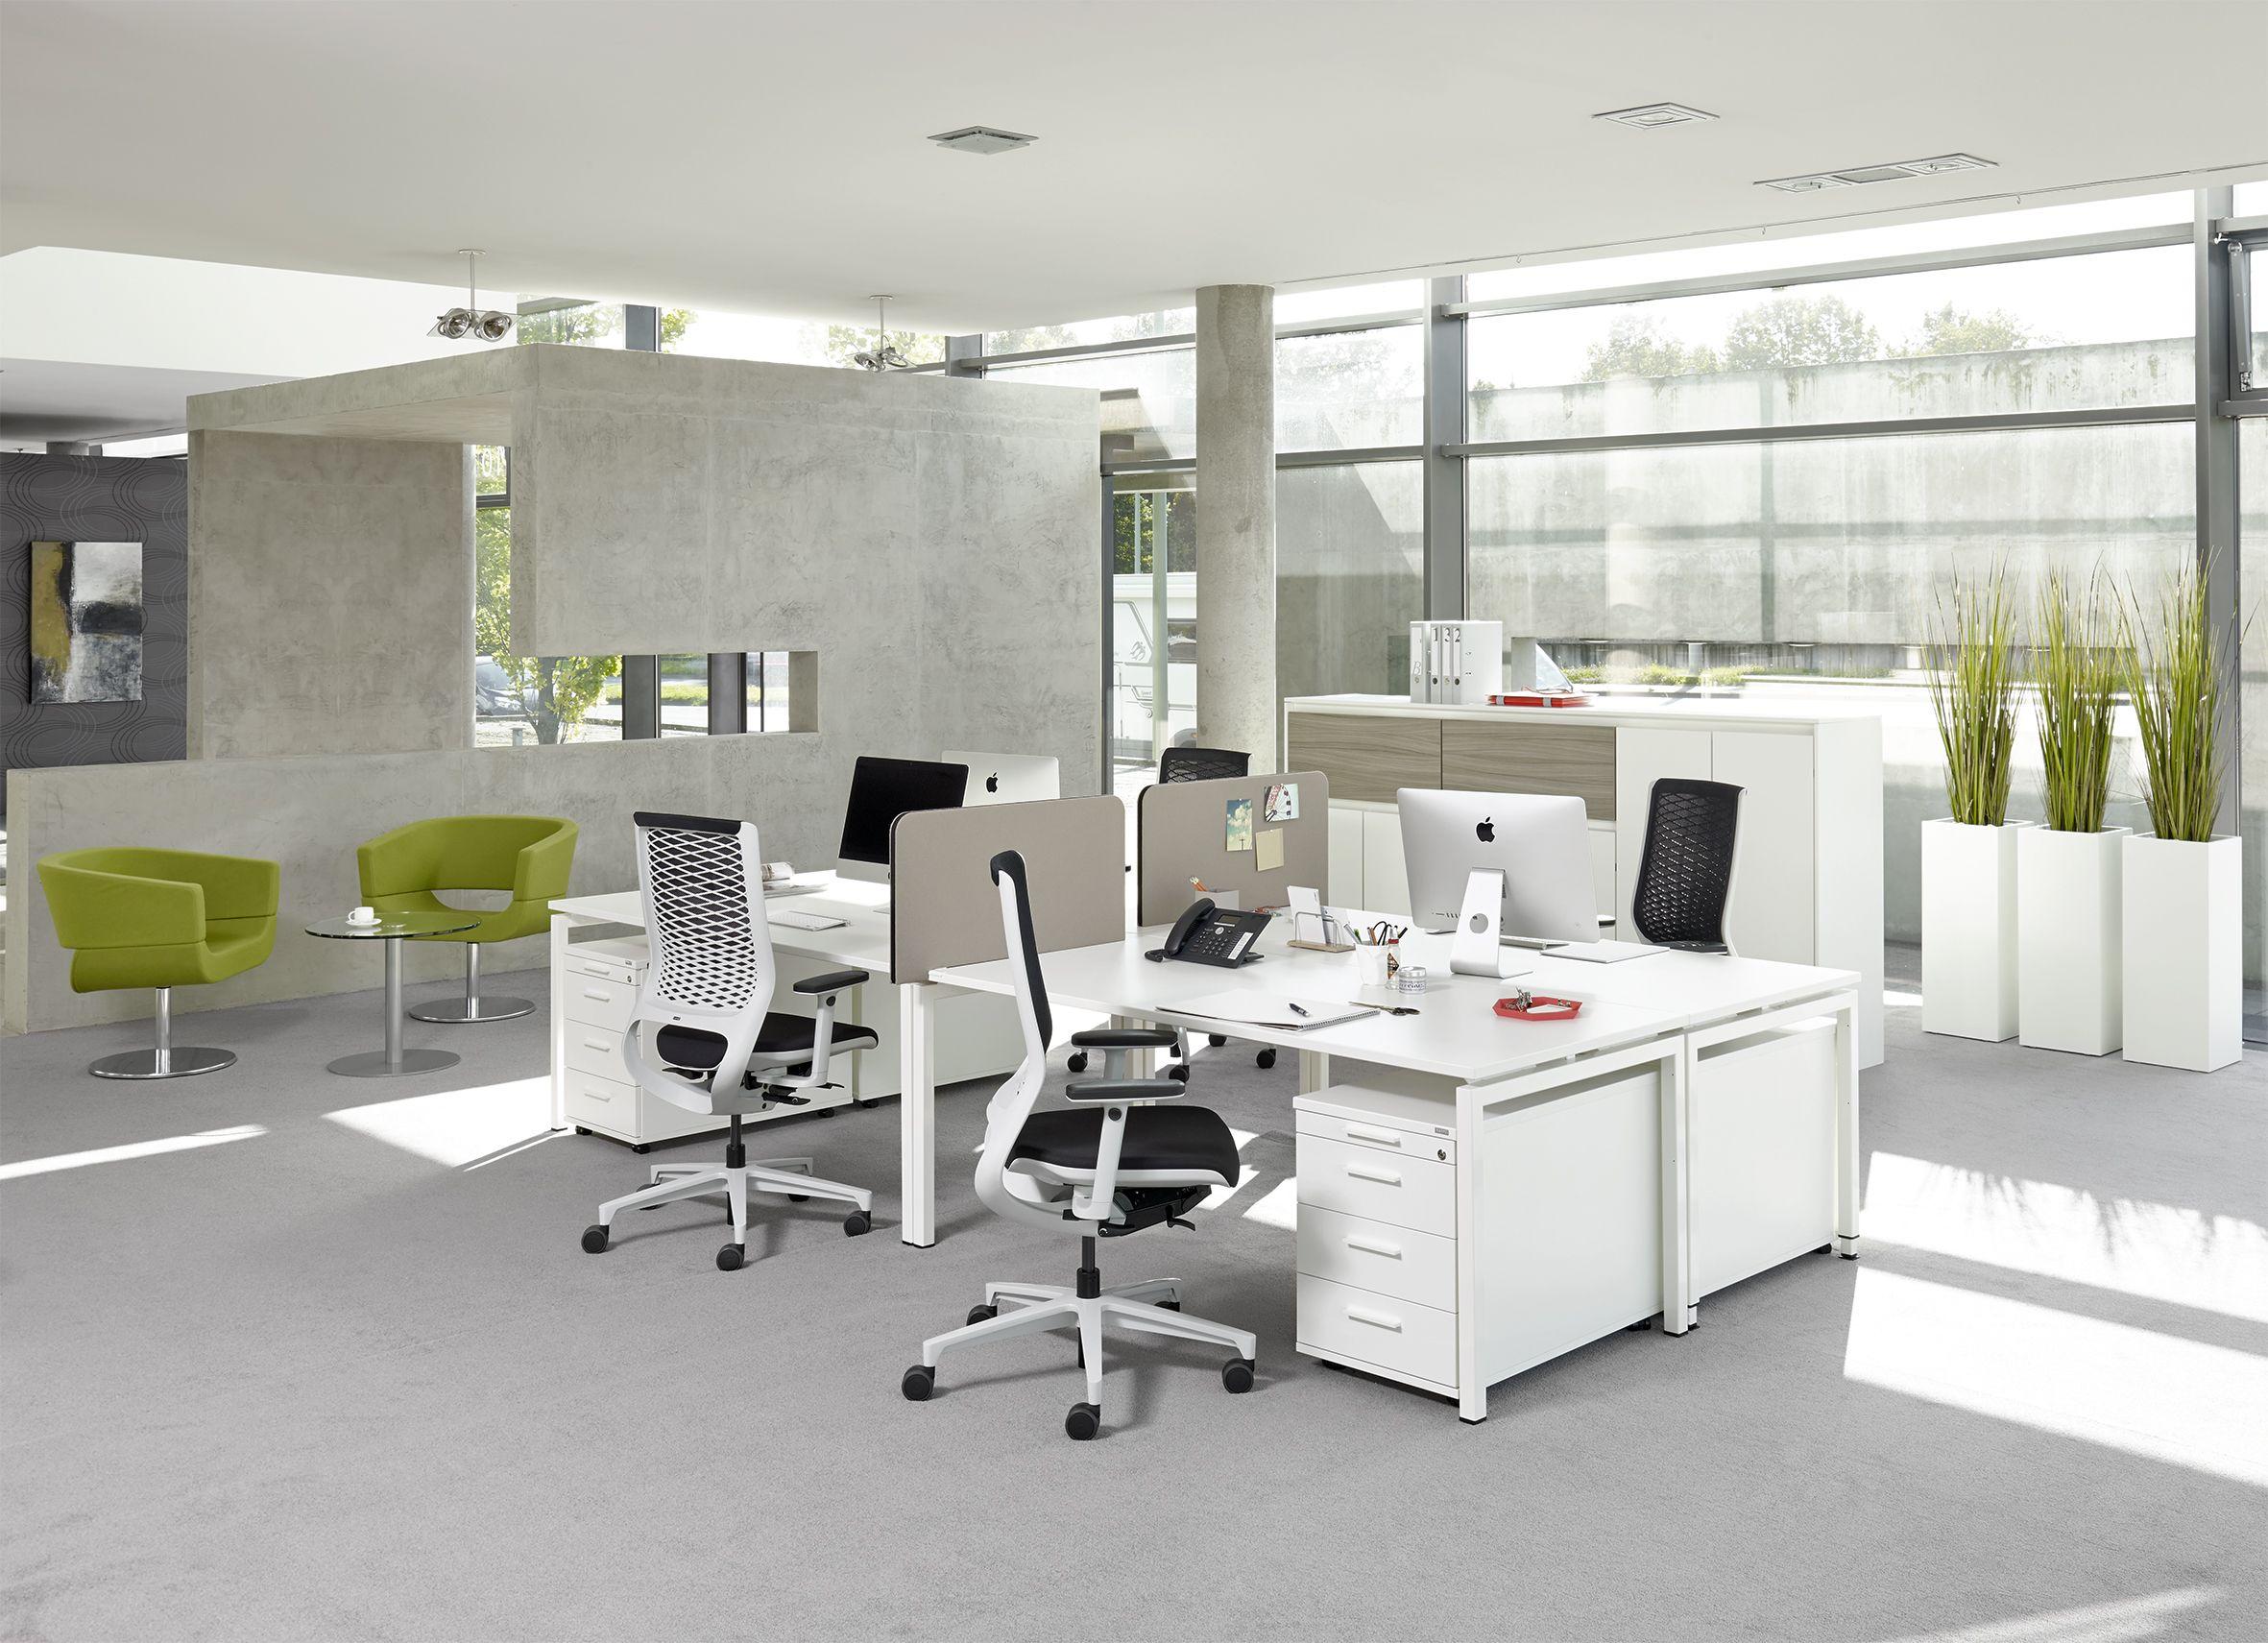 Schreibtisch Trento von Febrü: Mit dem modernen Schreibtisch weiß ...